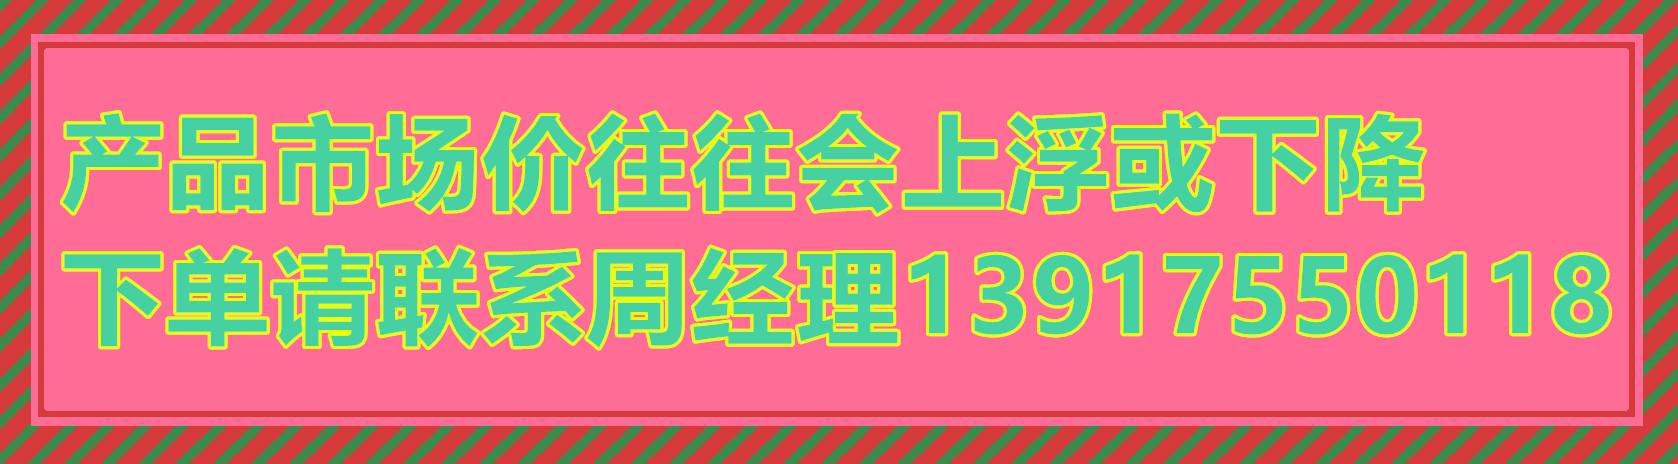 52a7a0db-1b32-4a3d-ae57-7d198372edec_副本.jpg